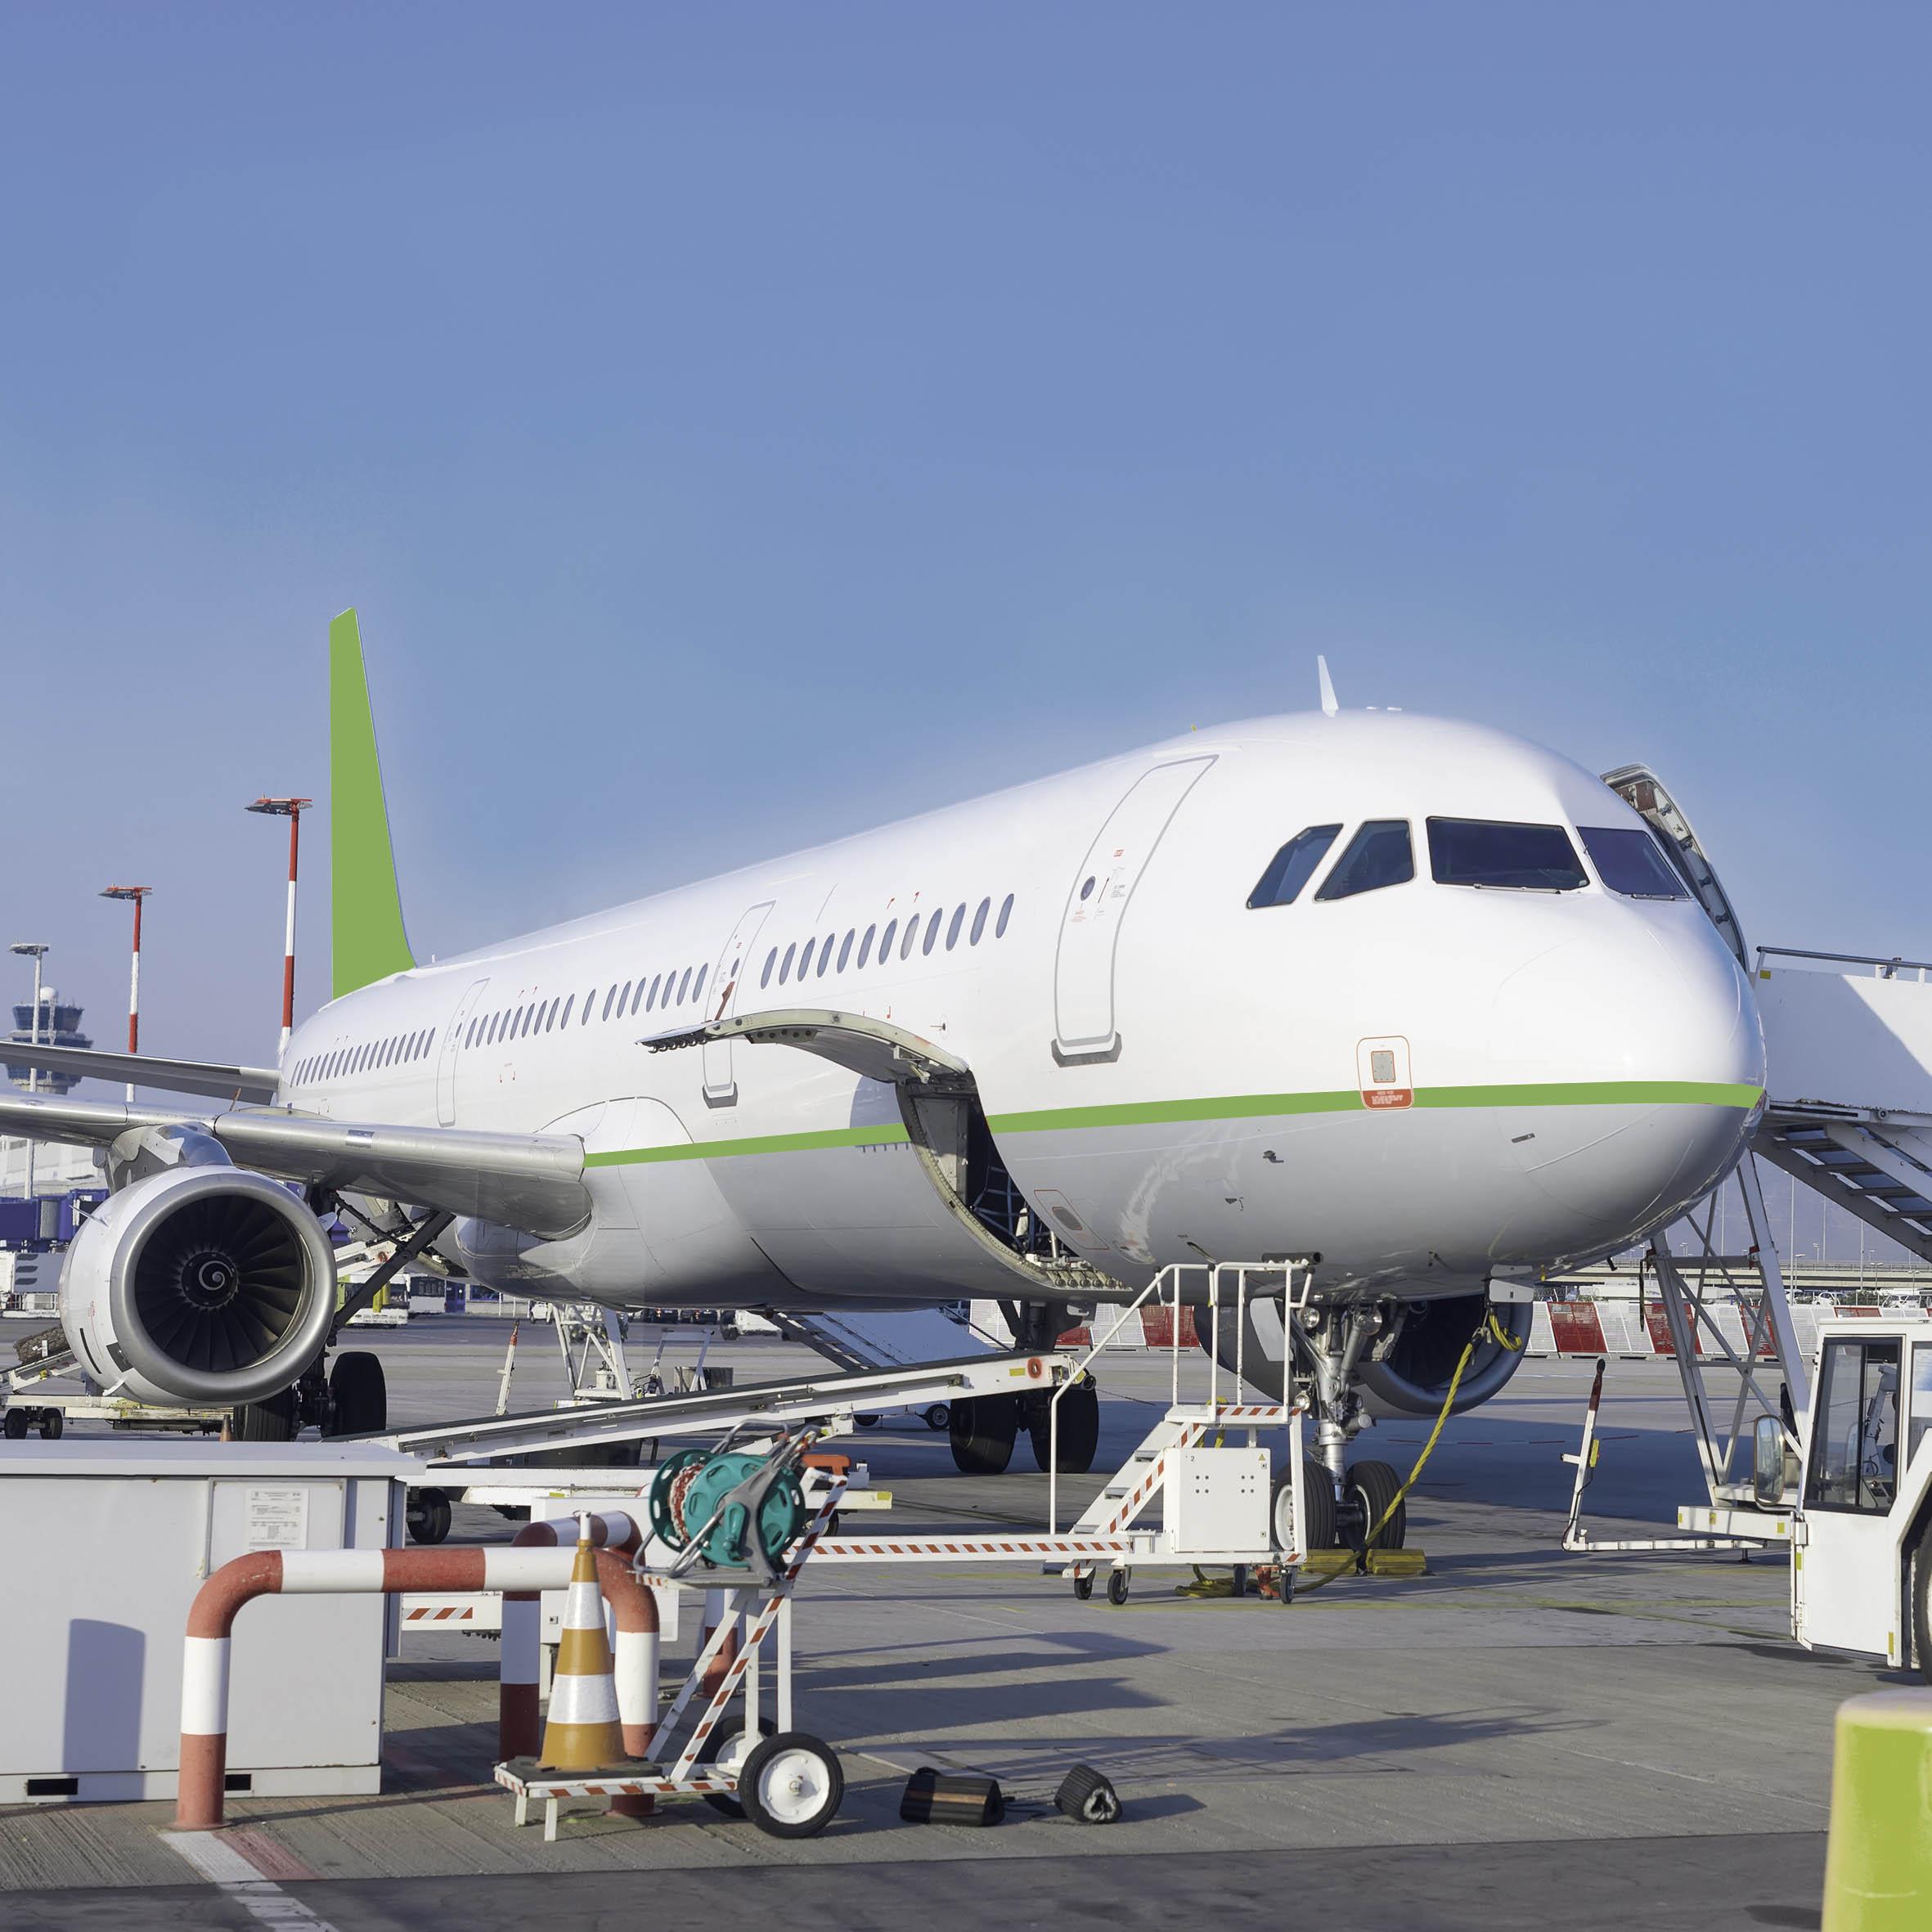 Aircraft maintenance_load